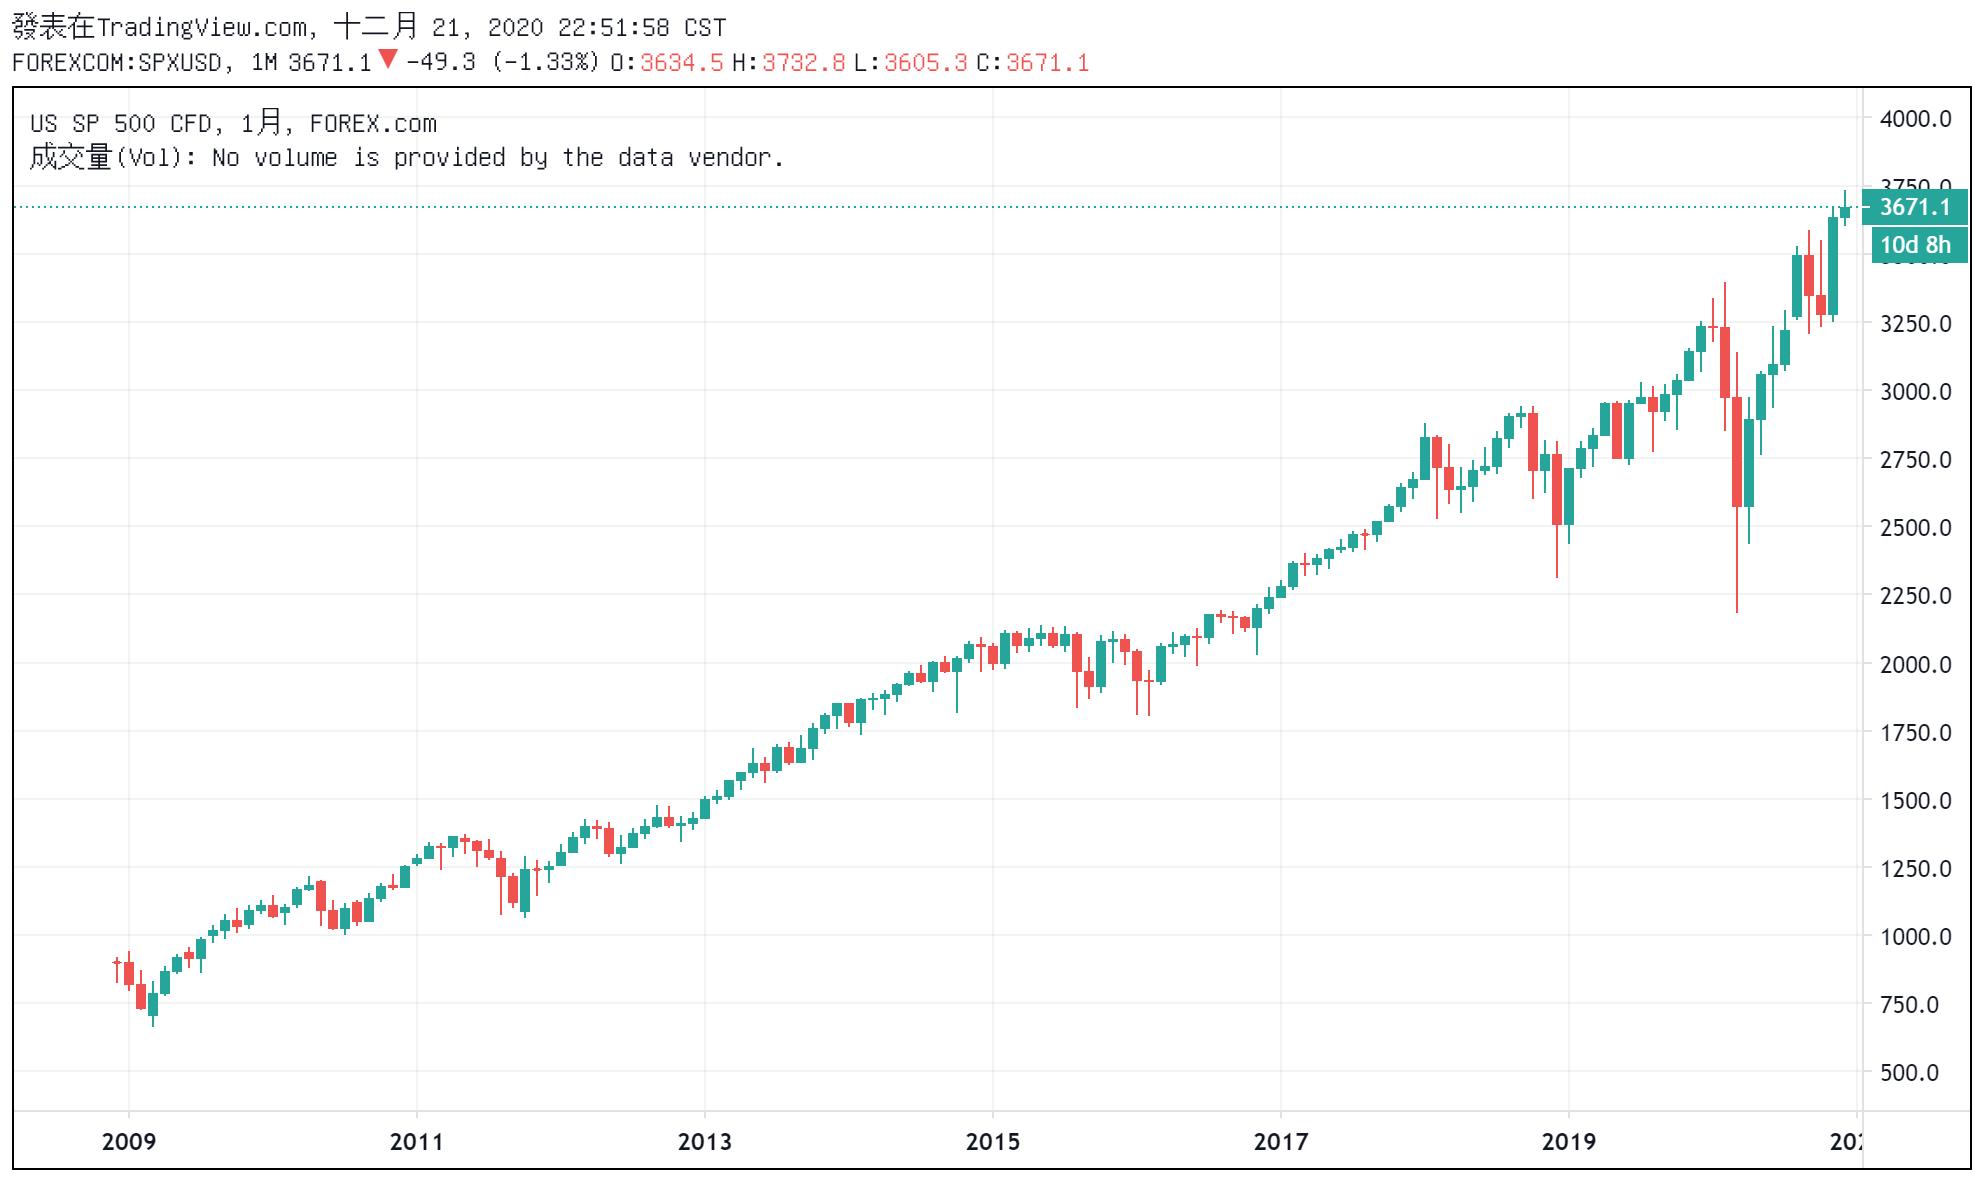 S&P500指數(標普500)價格圖表